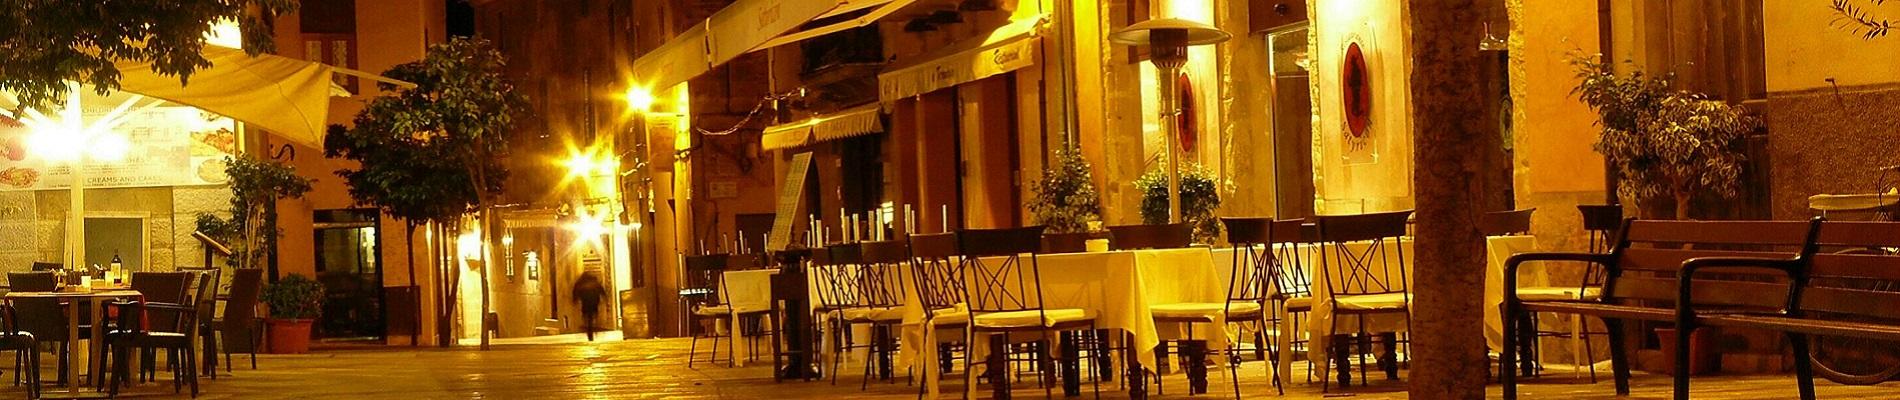 Terrasse d'un restaurant avec un éclairage extérieur